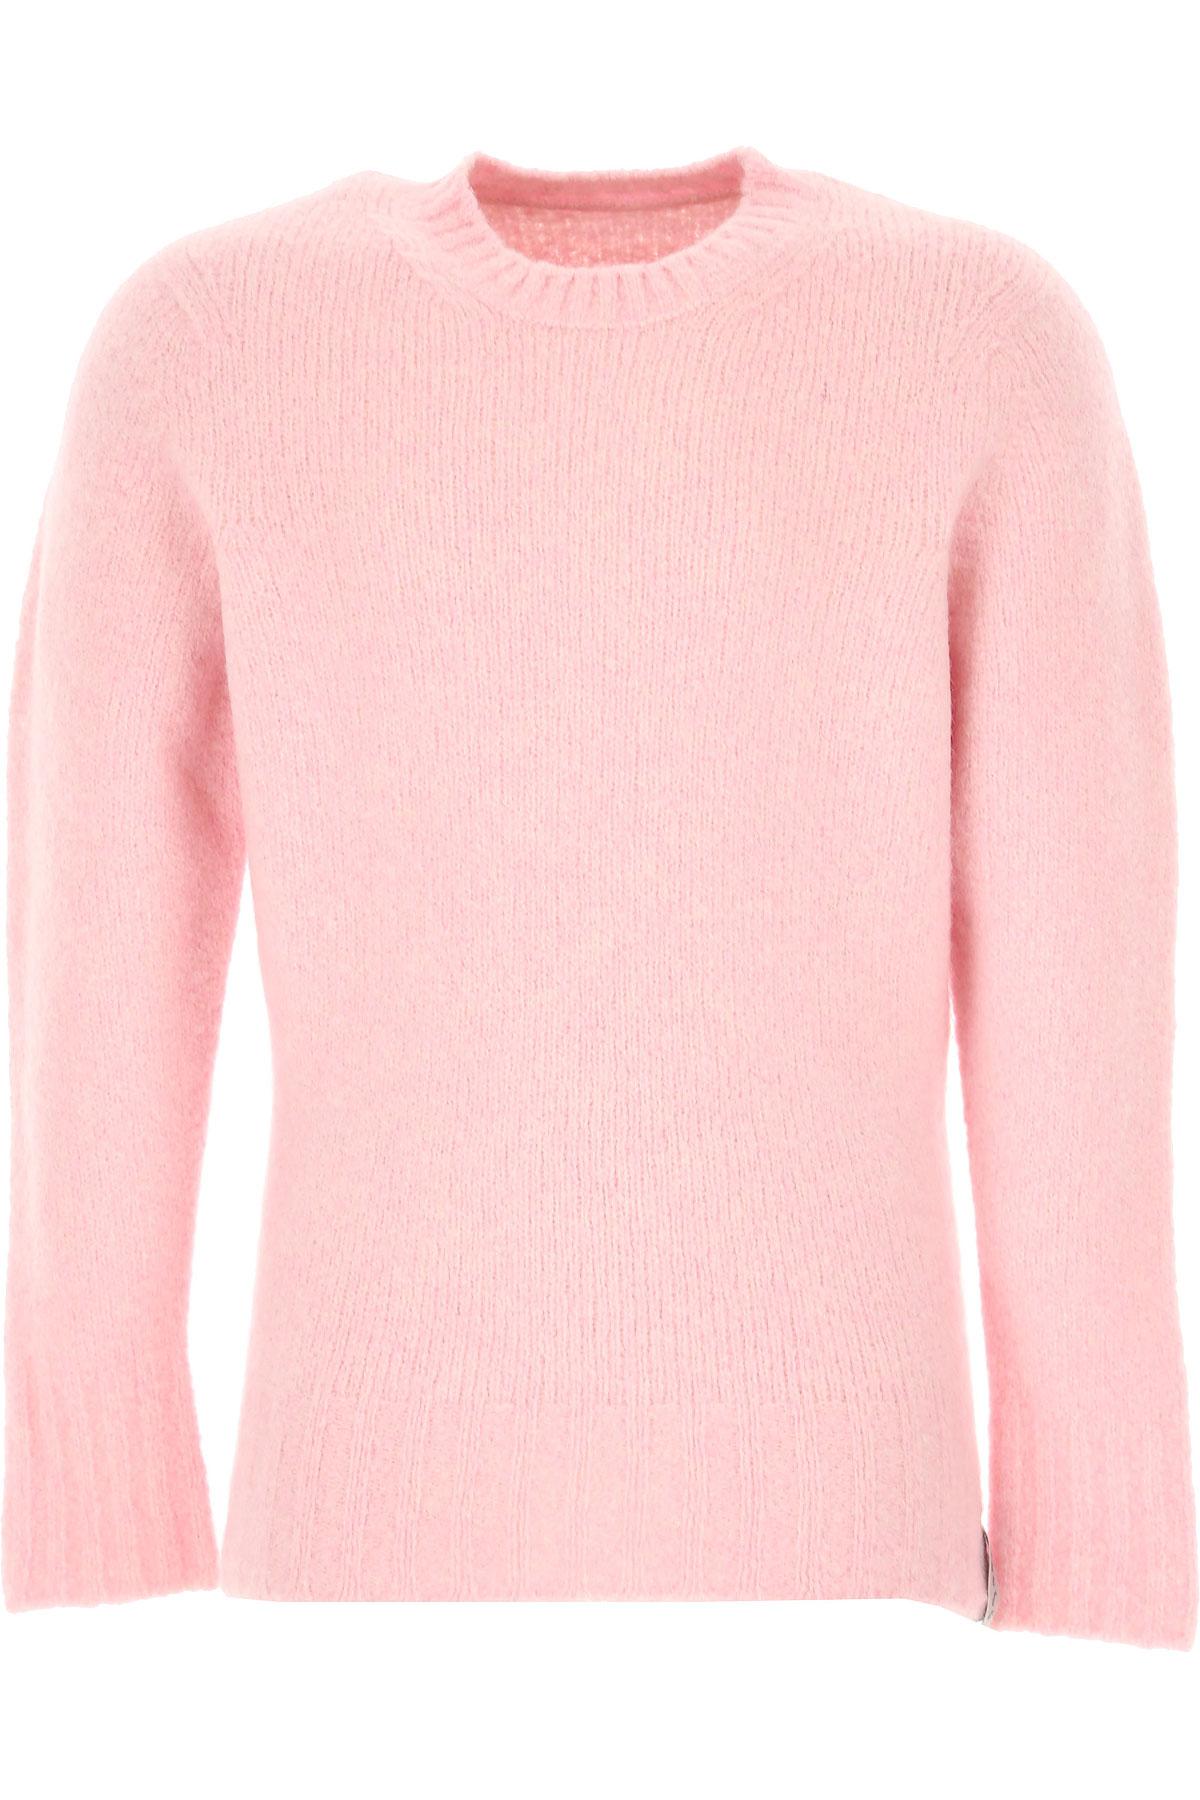 Jurta Kids Sweaters for Girls On Sale, Pink, Extrafine Merinos Wool, 2019, 10Y 8Y